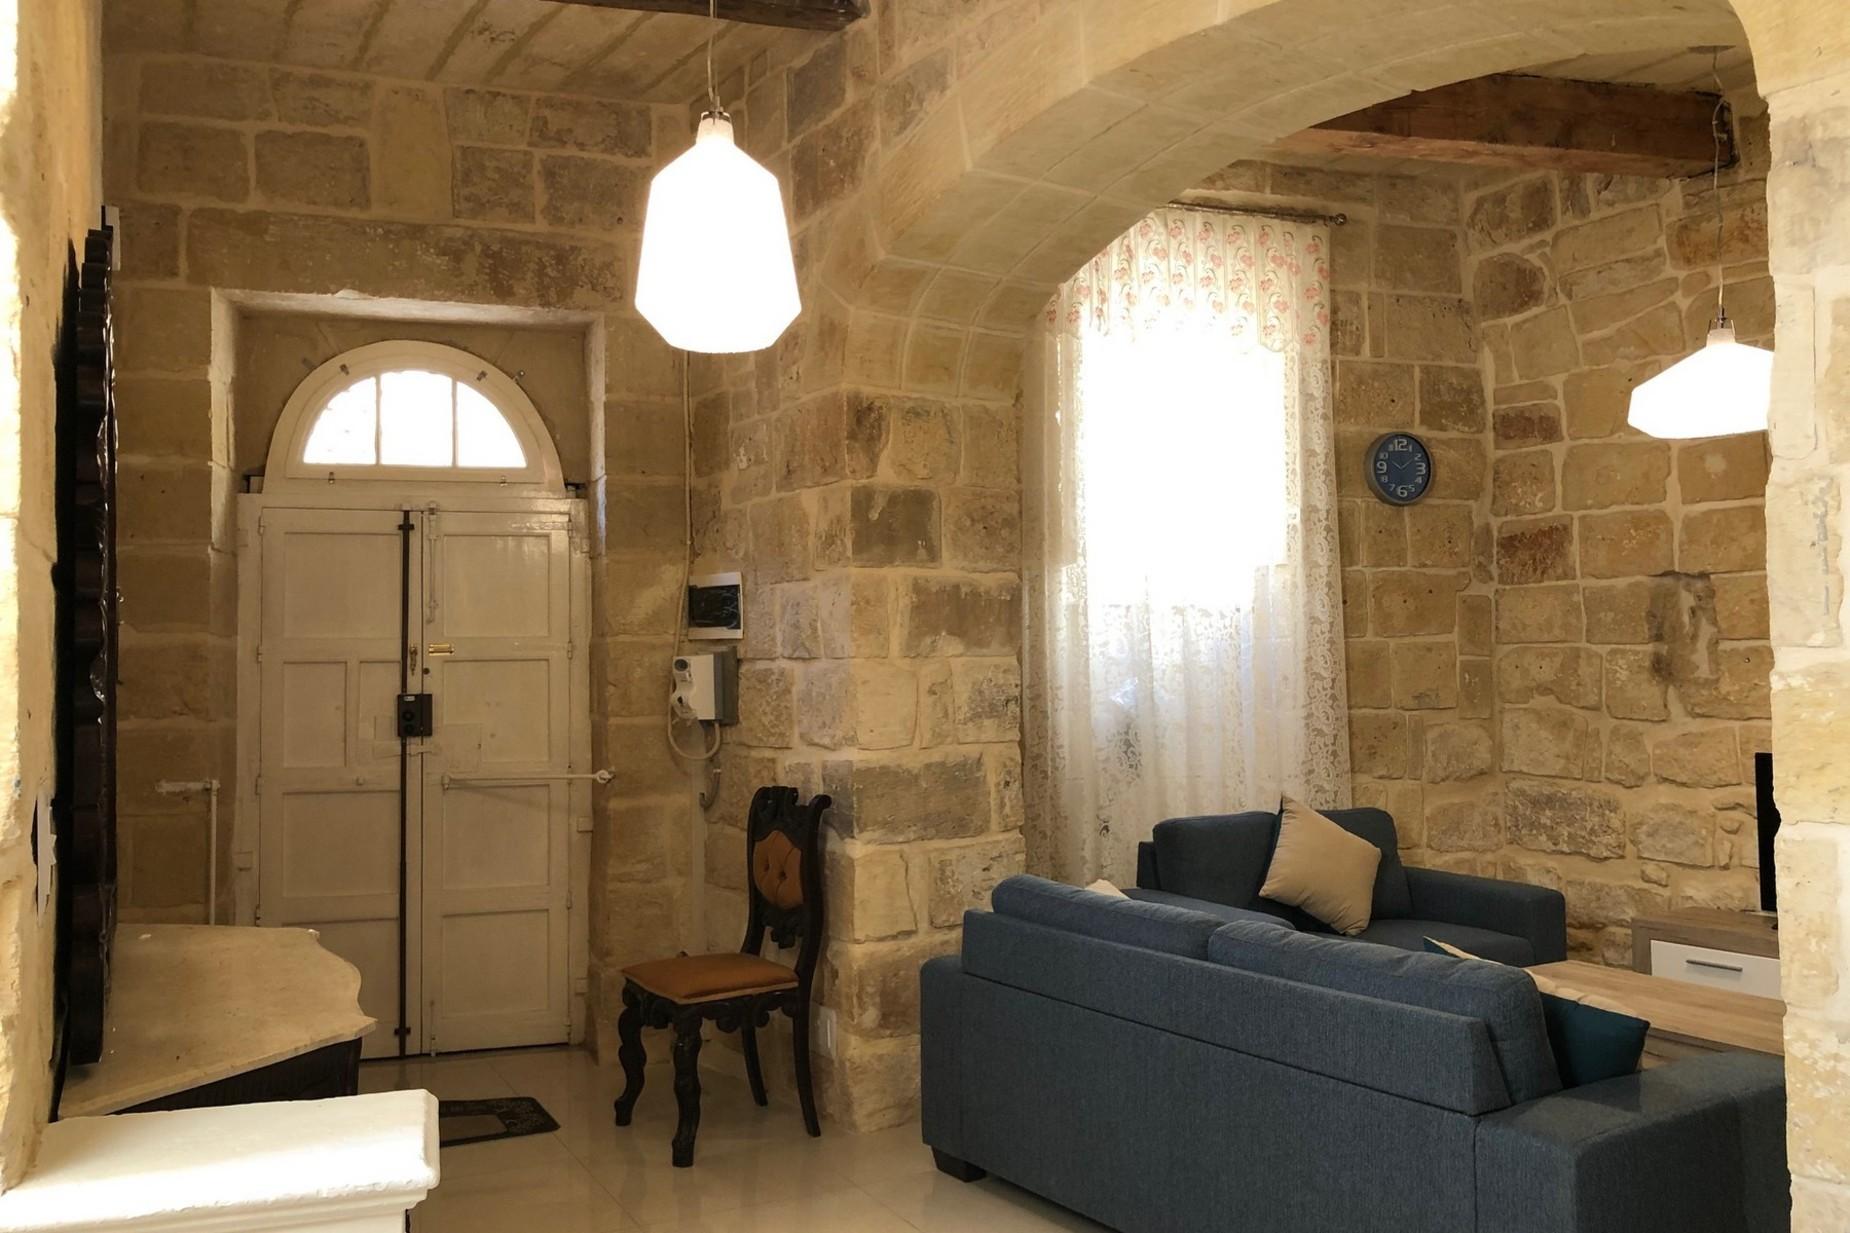 4 bed Town House For Rent in Zabbar, Zabbar - thumb 5